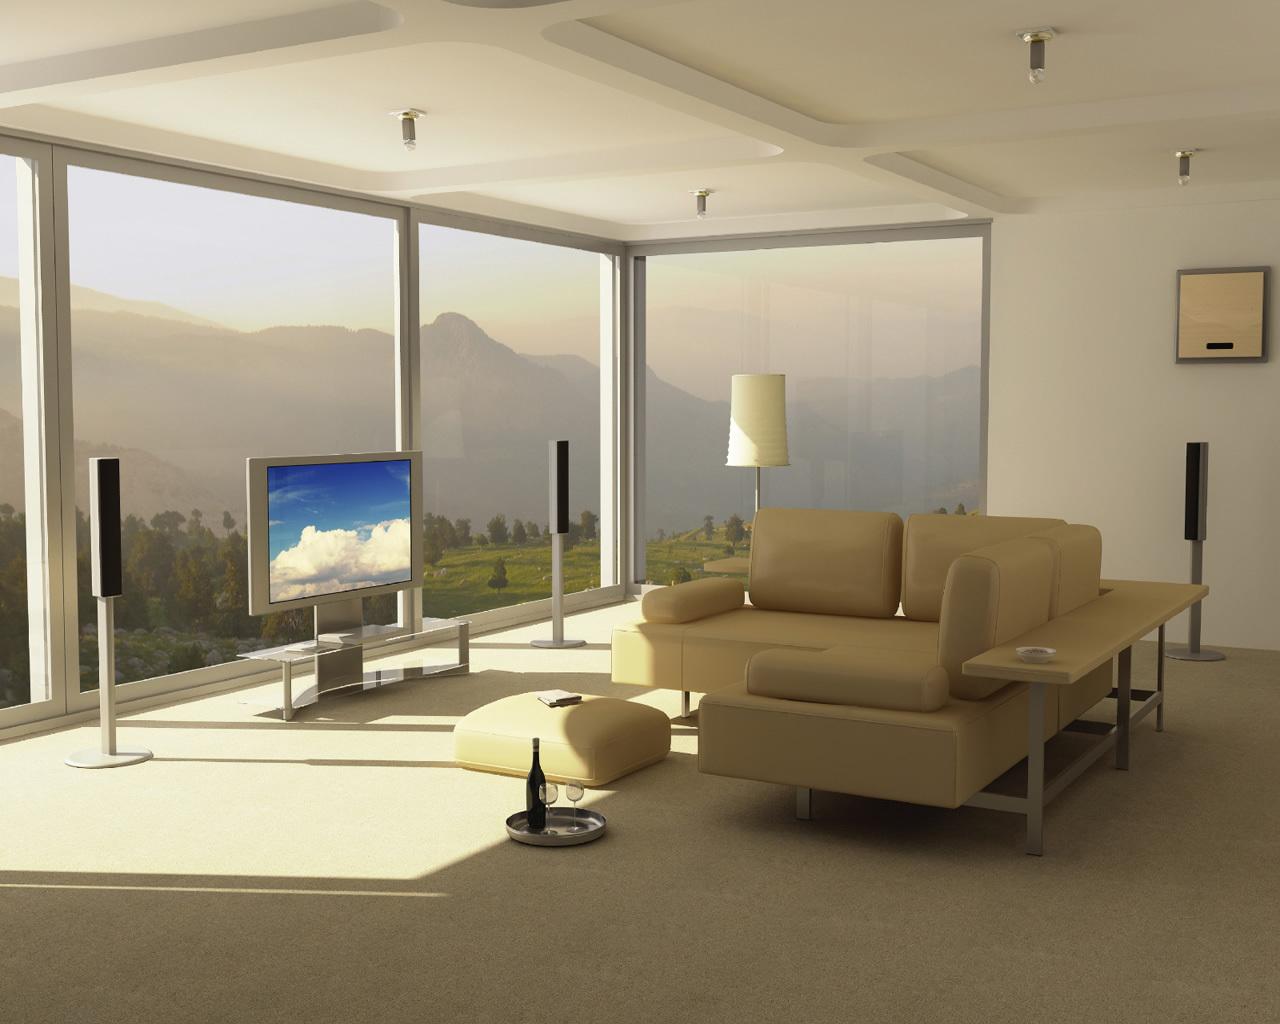 Interior Design Ideas Interior Designs Home Design Ideas Interior 1280x1024